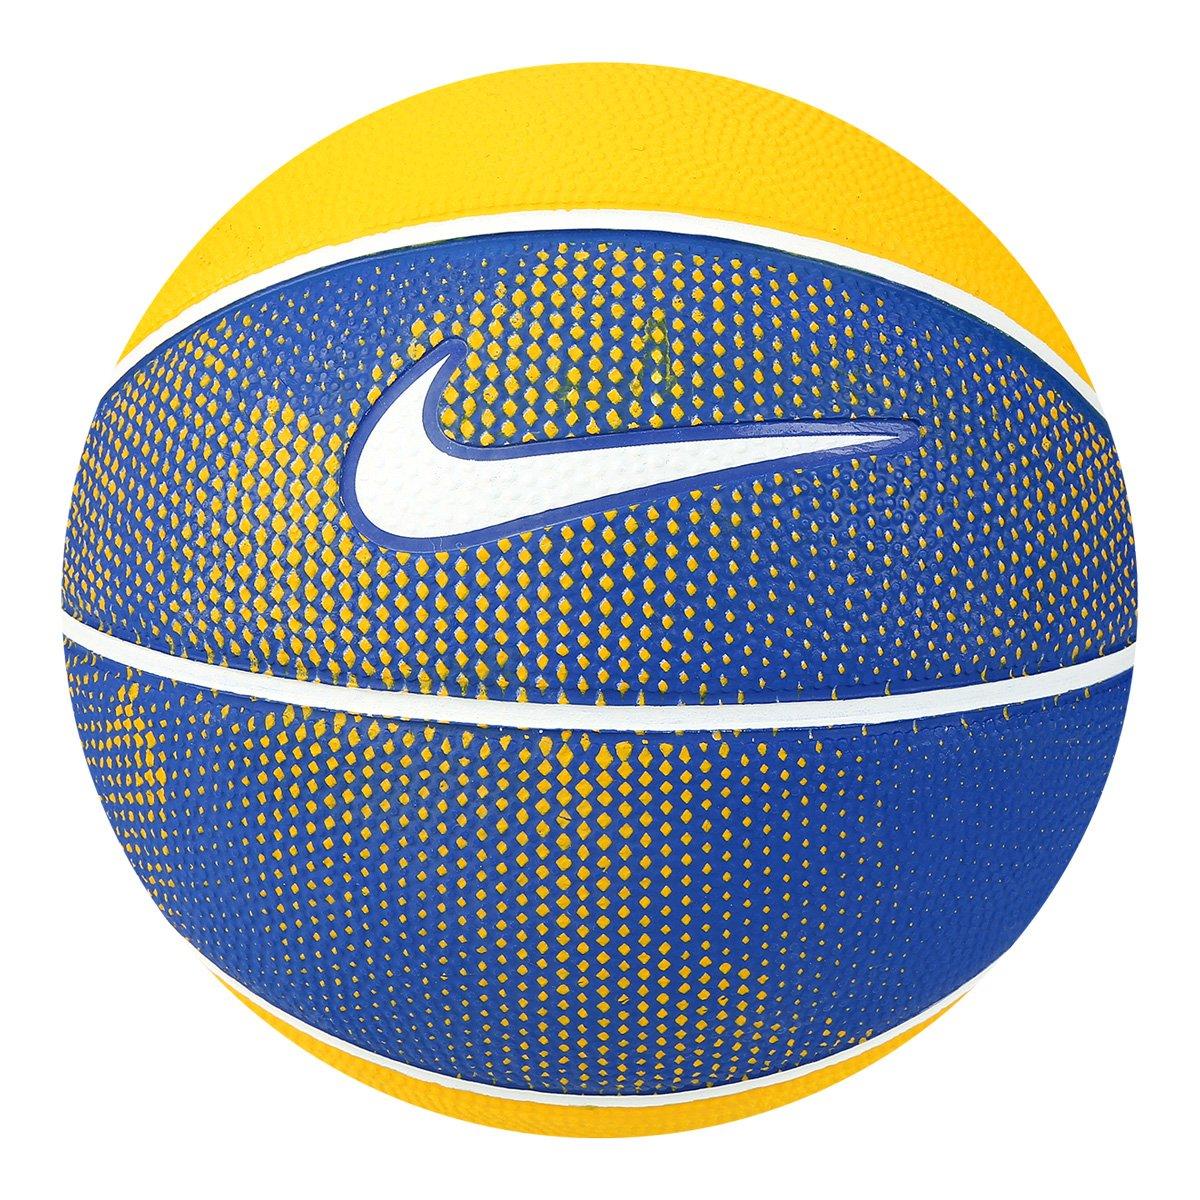 83020c6e9a Bola Basquete Nike Swoosh Mini Tamanho 3 Mini